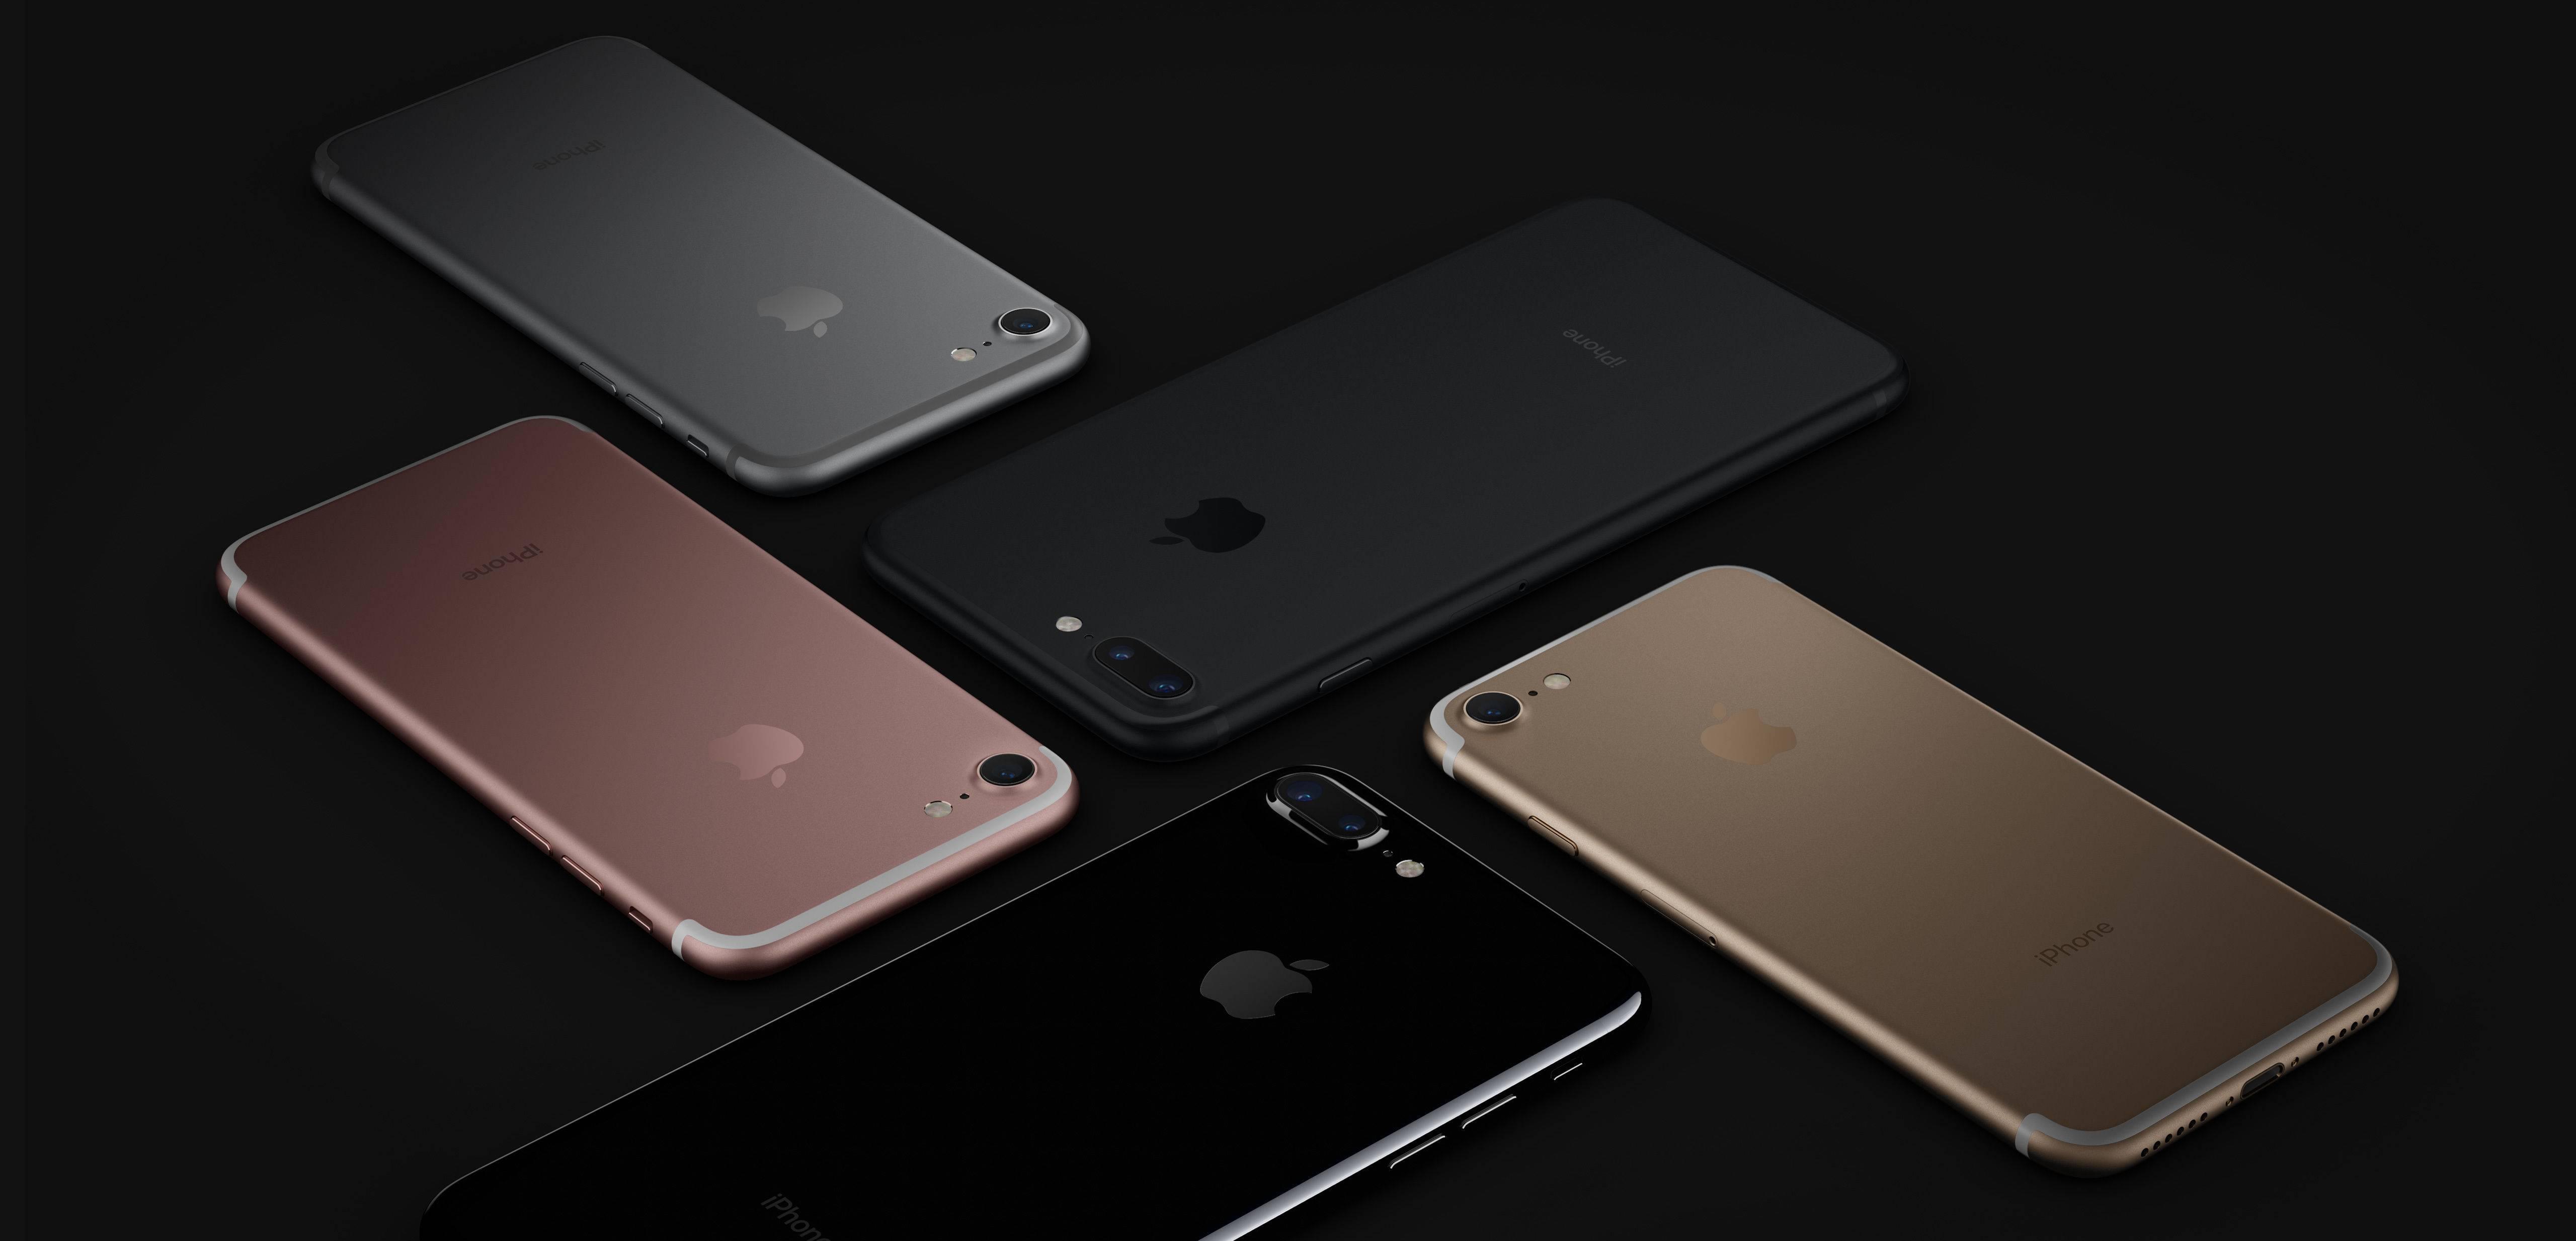 充电还没千元机快?iPhone 7 上苹果没告诉你的 8 个「秘密」 | 极客公园